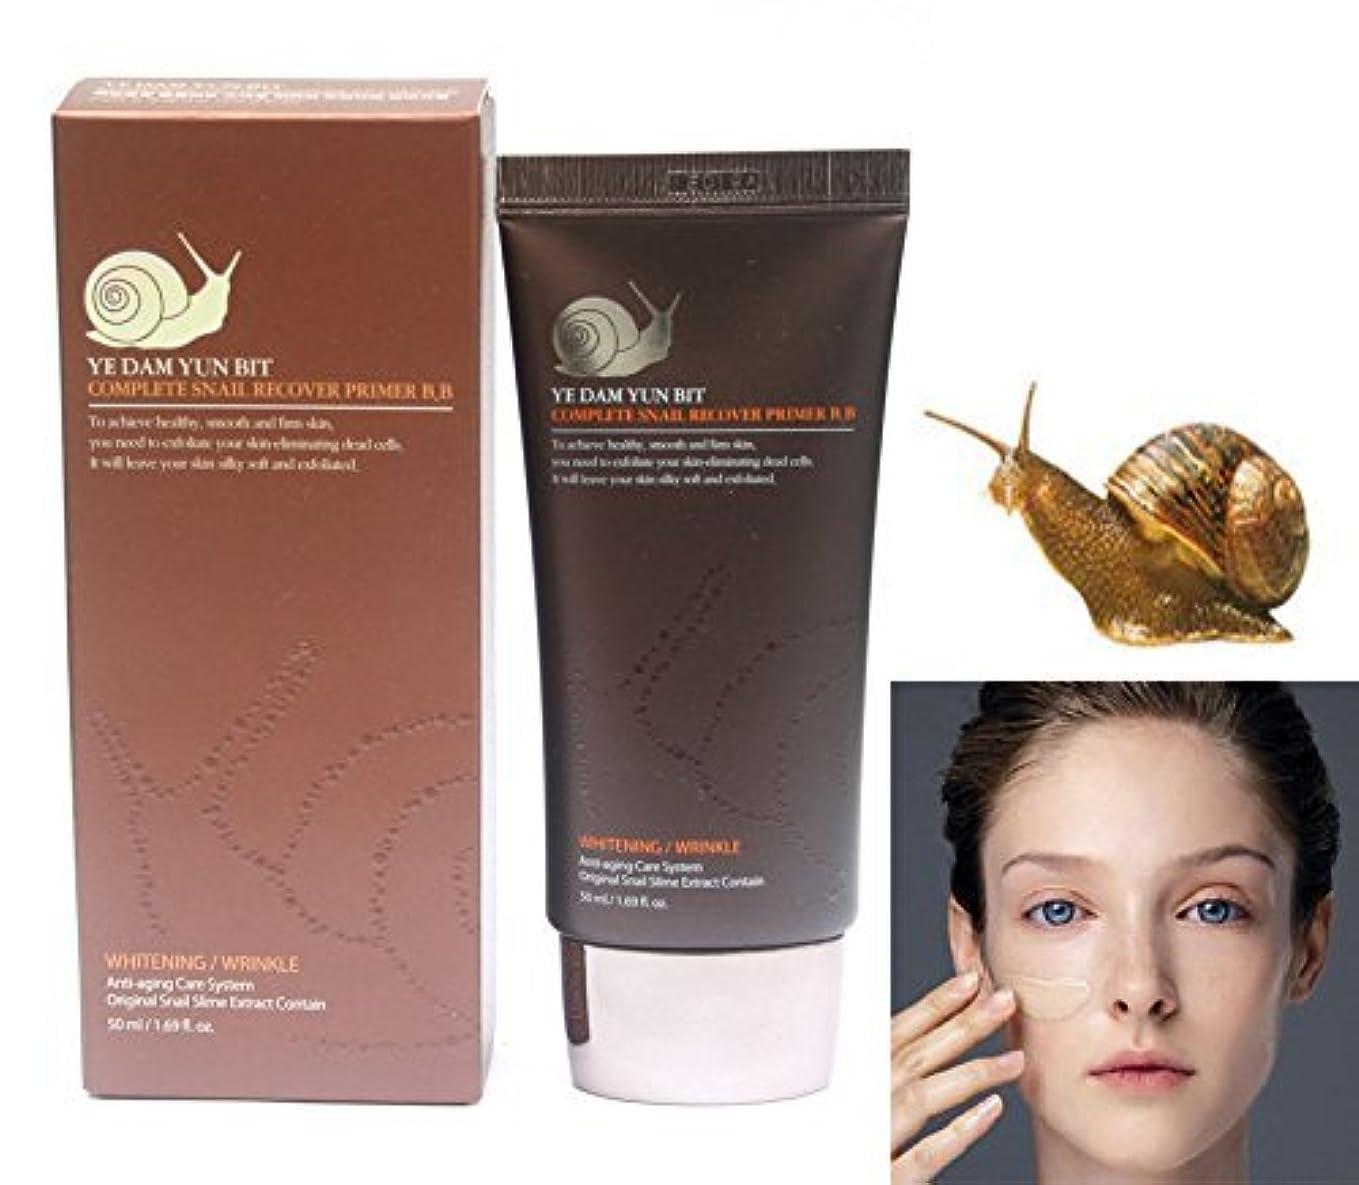 独立成り立つシャベル[YEDAM YUNBIT] 完全なカタツムリ?リカバリー?プライマーBB 50ml /韓国化粧品 / Complete Snail Recover Primer BB 50ml / Korean Cosmetics (...